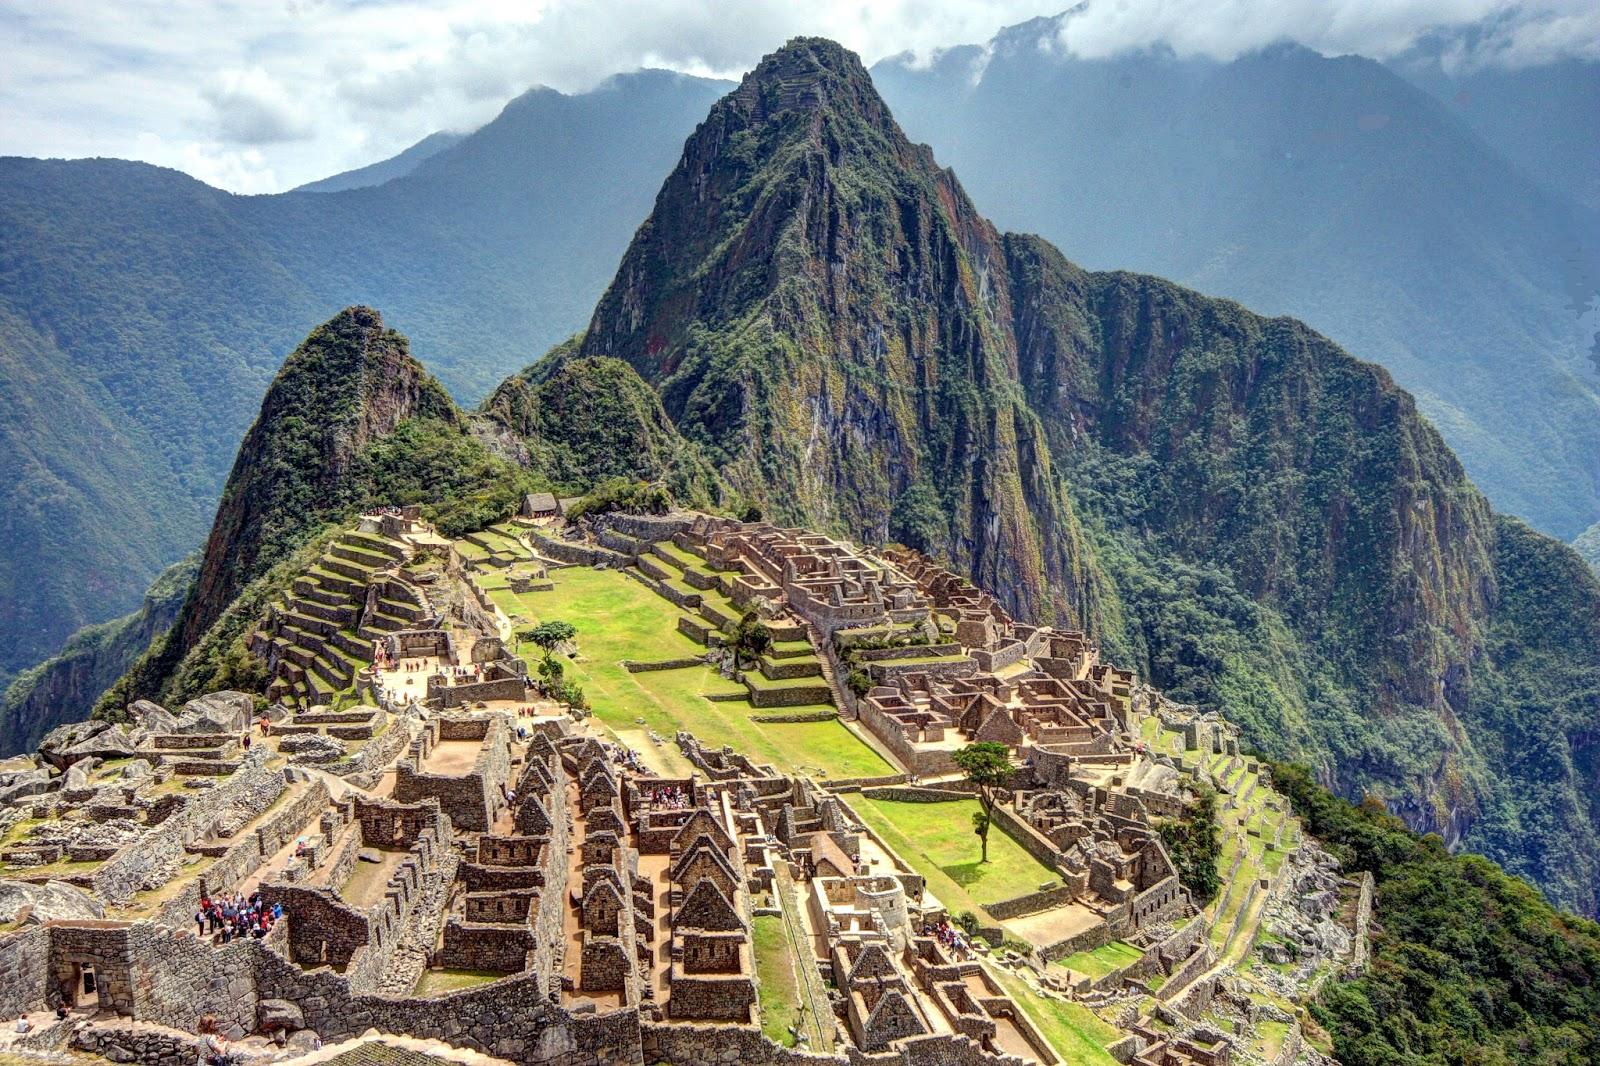 Preparativos para Perú (I): Cómo visitar y cuánto cuesta llegar a Machu Picchu